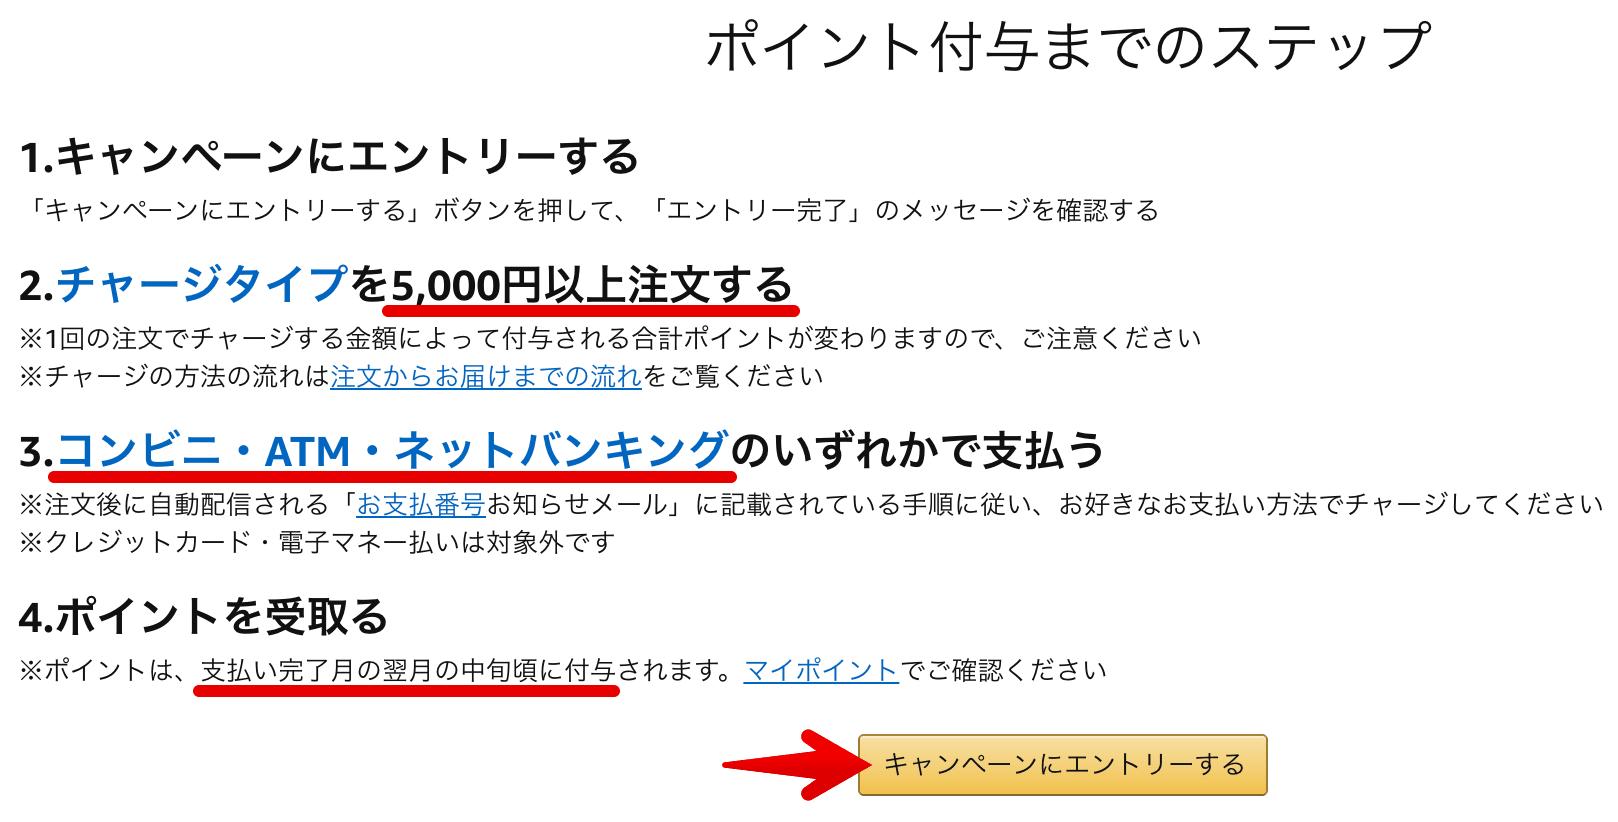 Amazonギフトポイント付与キャンペーン